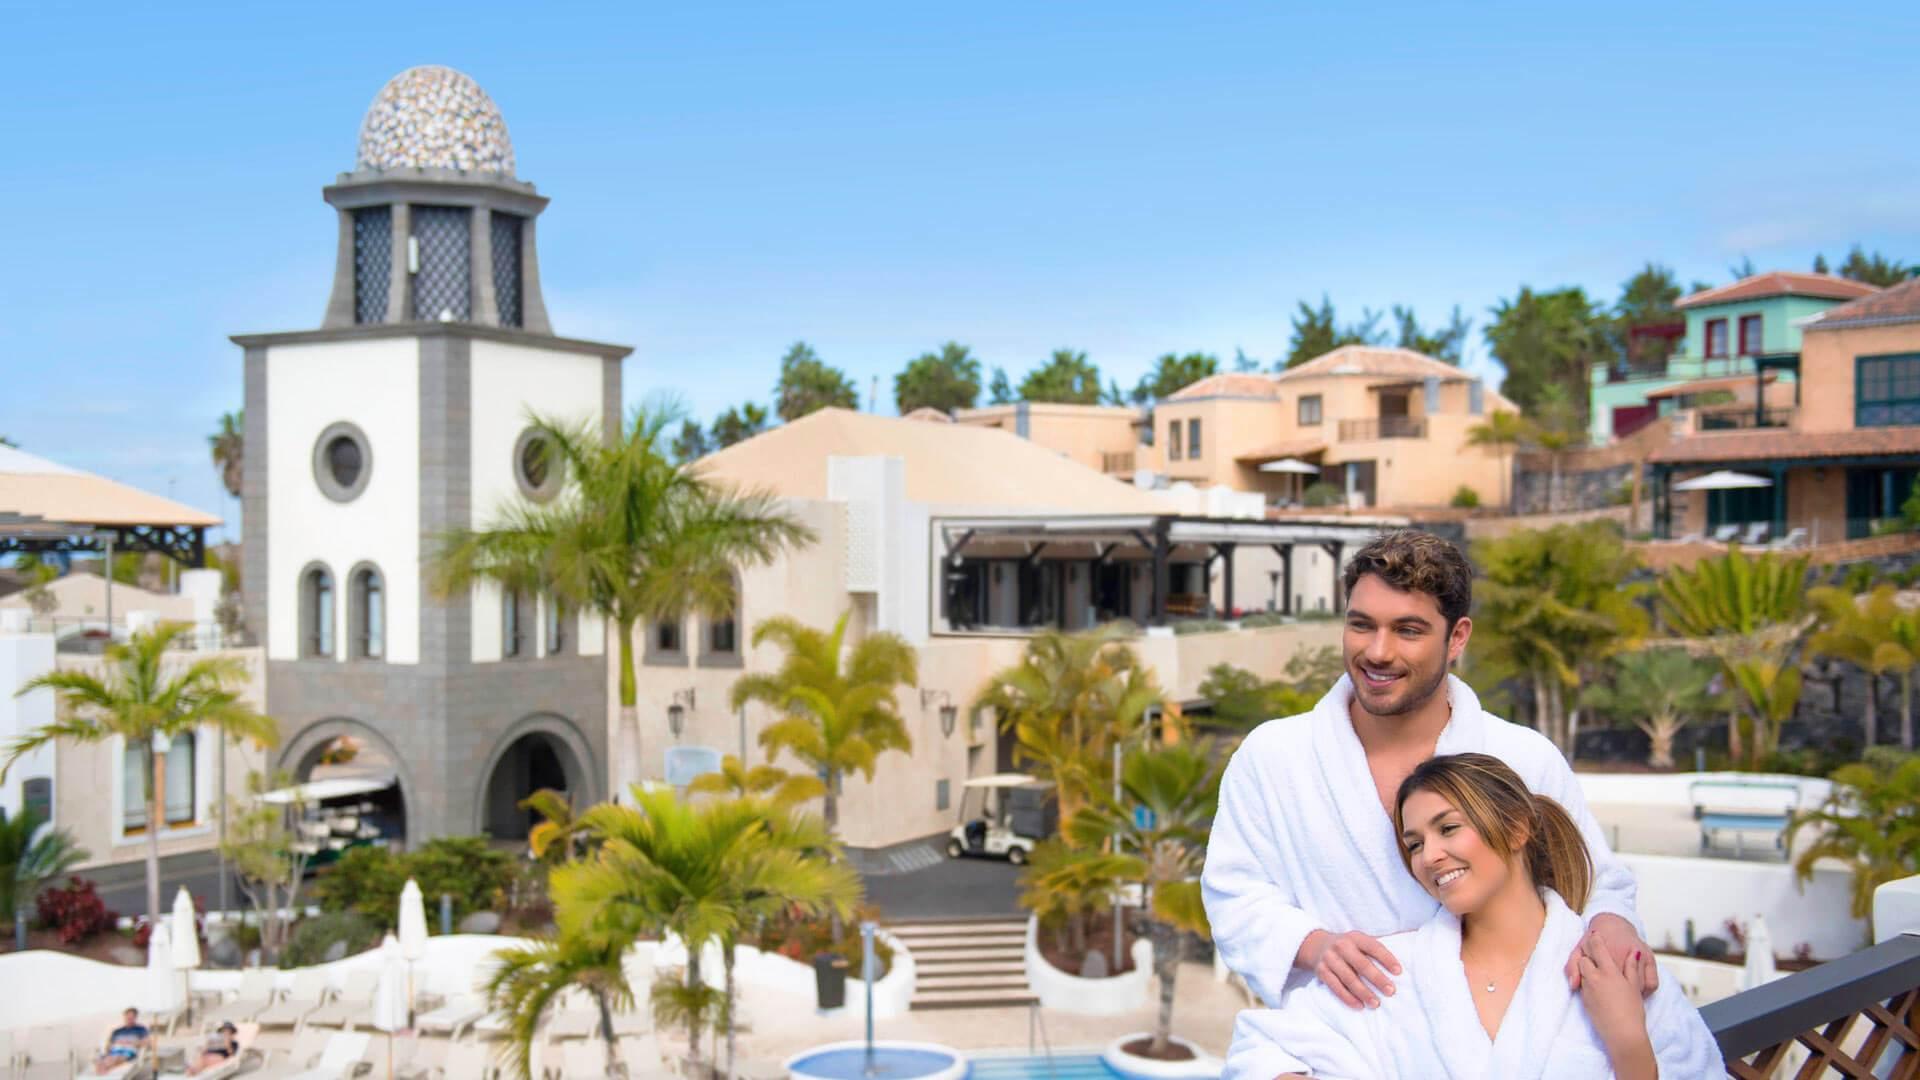 Aeroporto Tenerife Sud : Hotel suite villa maría 5* costa adeje tenerife web oficial